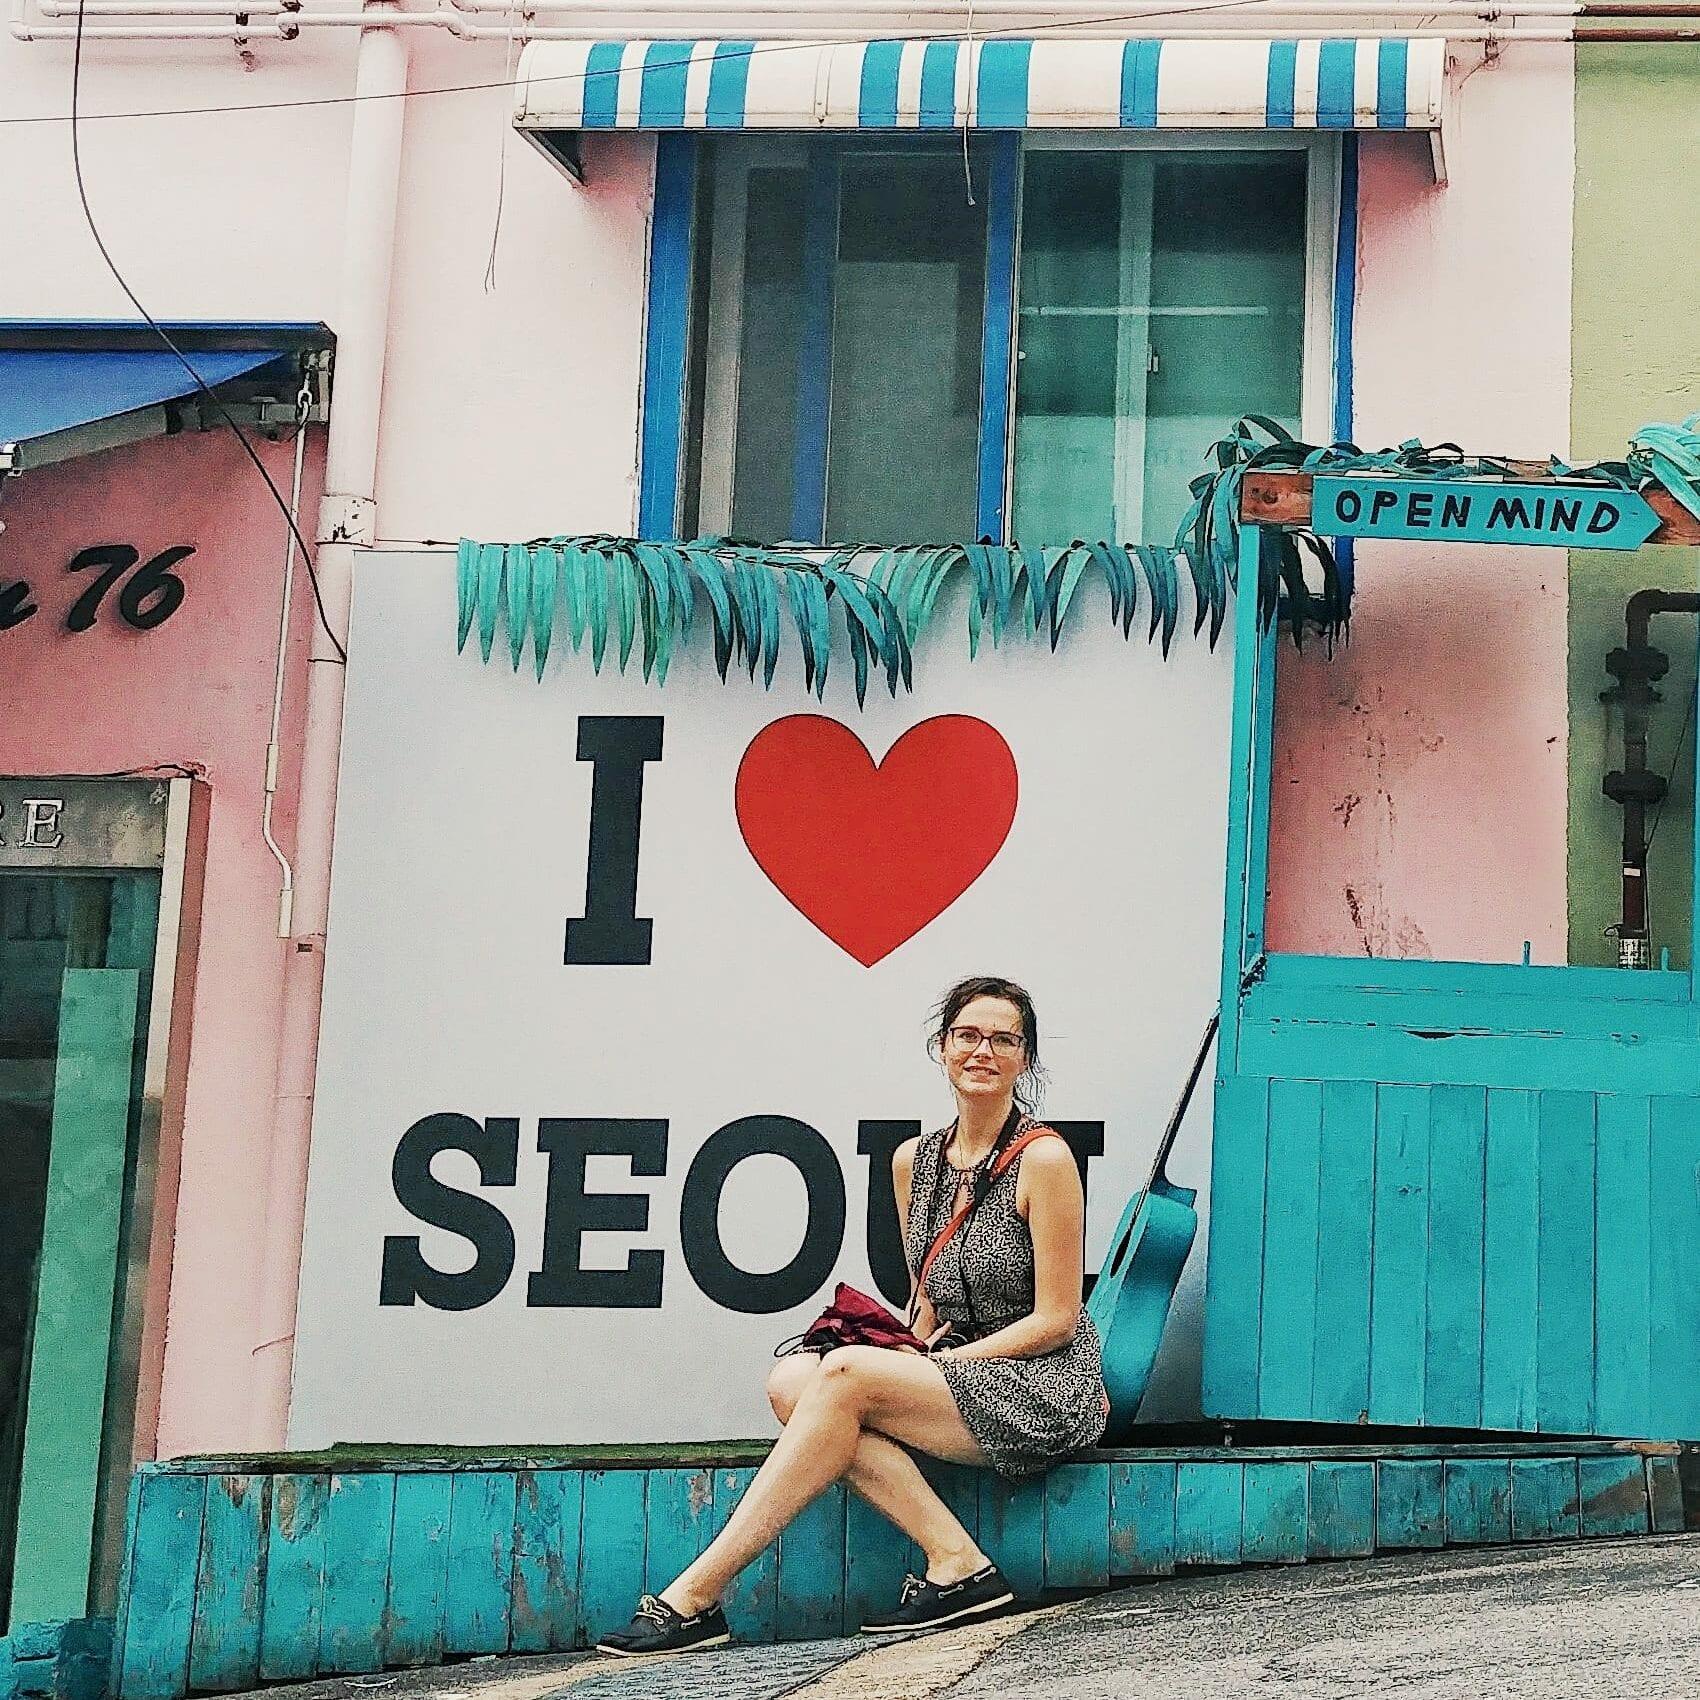 Südkorea-Reisetipps & Informationen - Reiseblog Travellerin